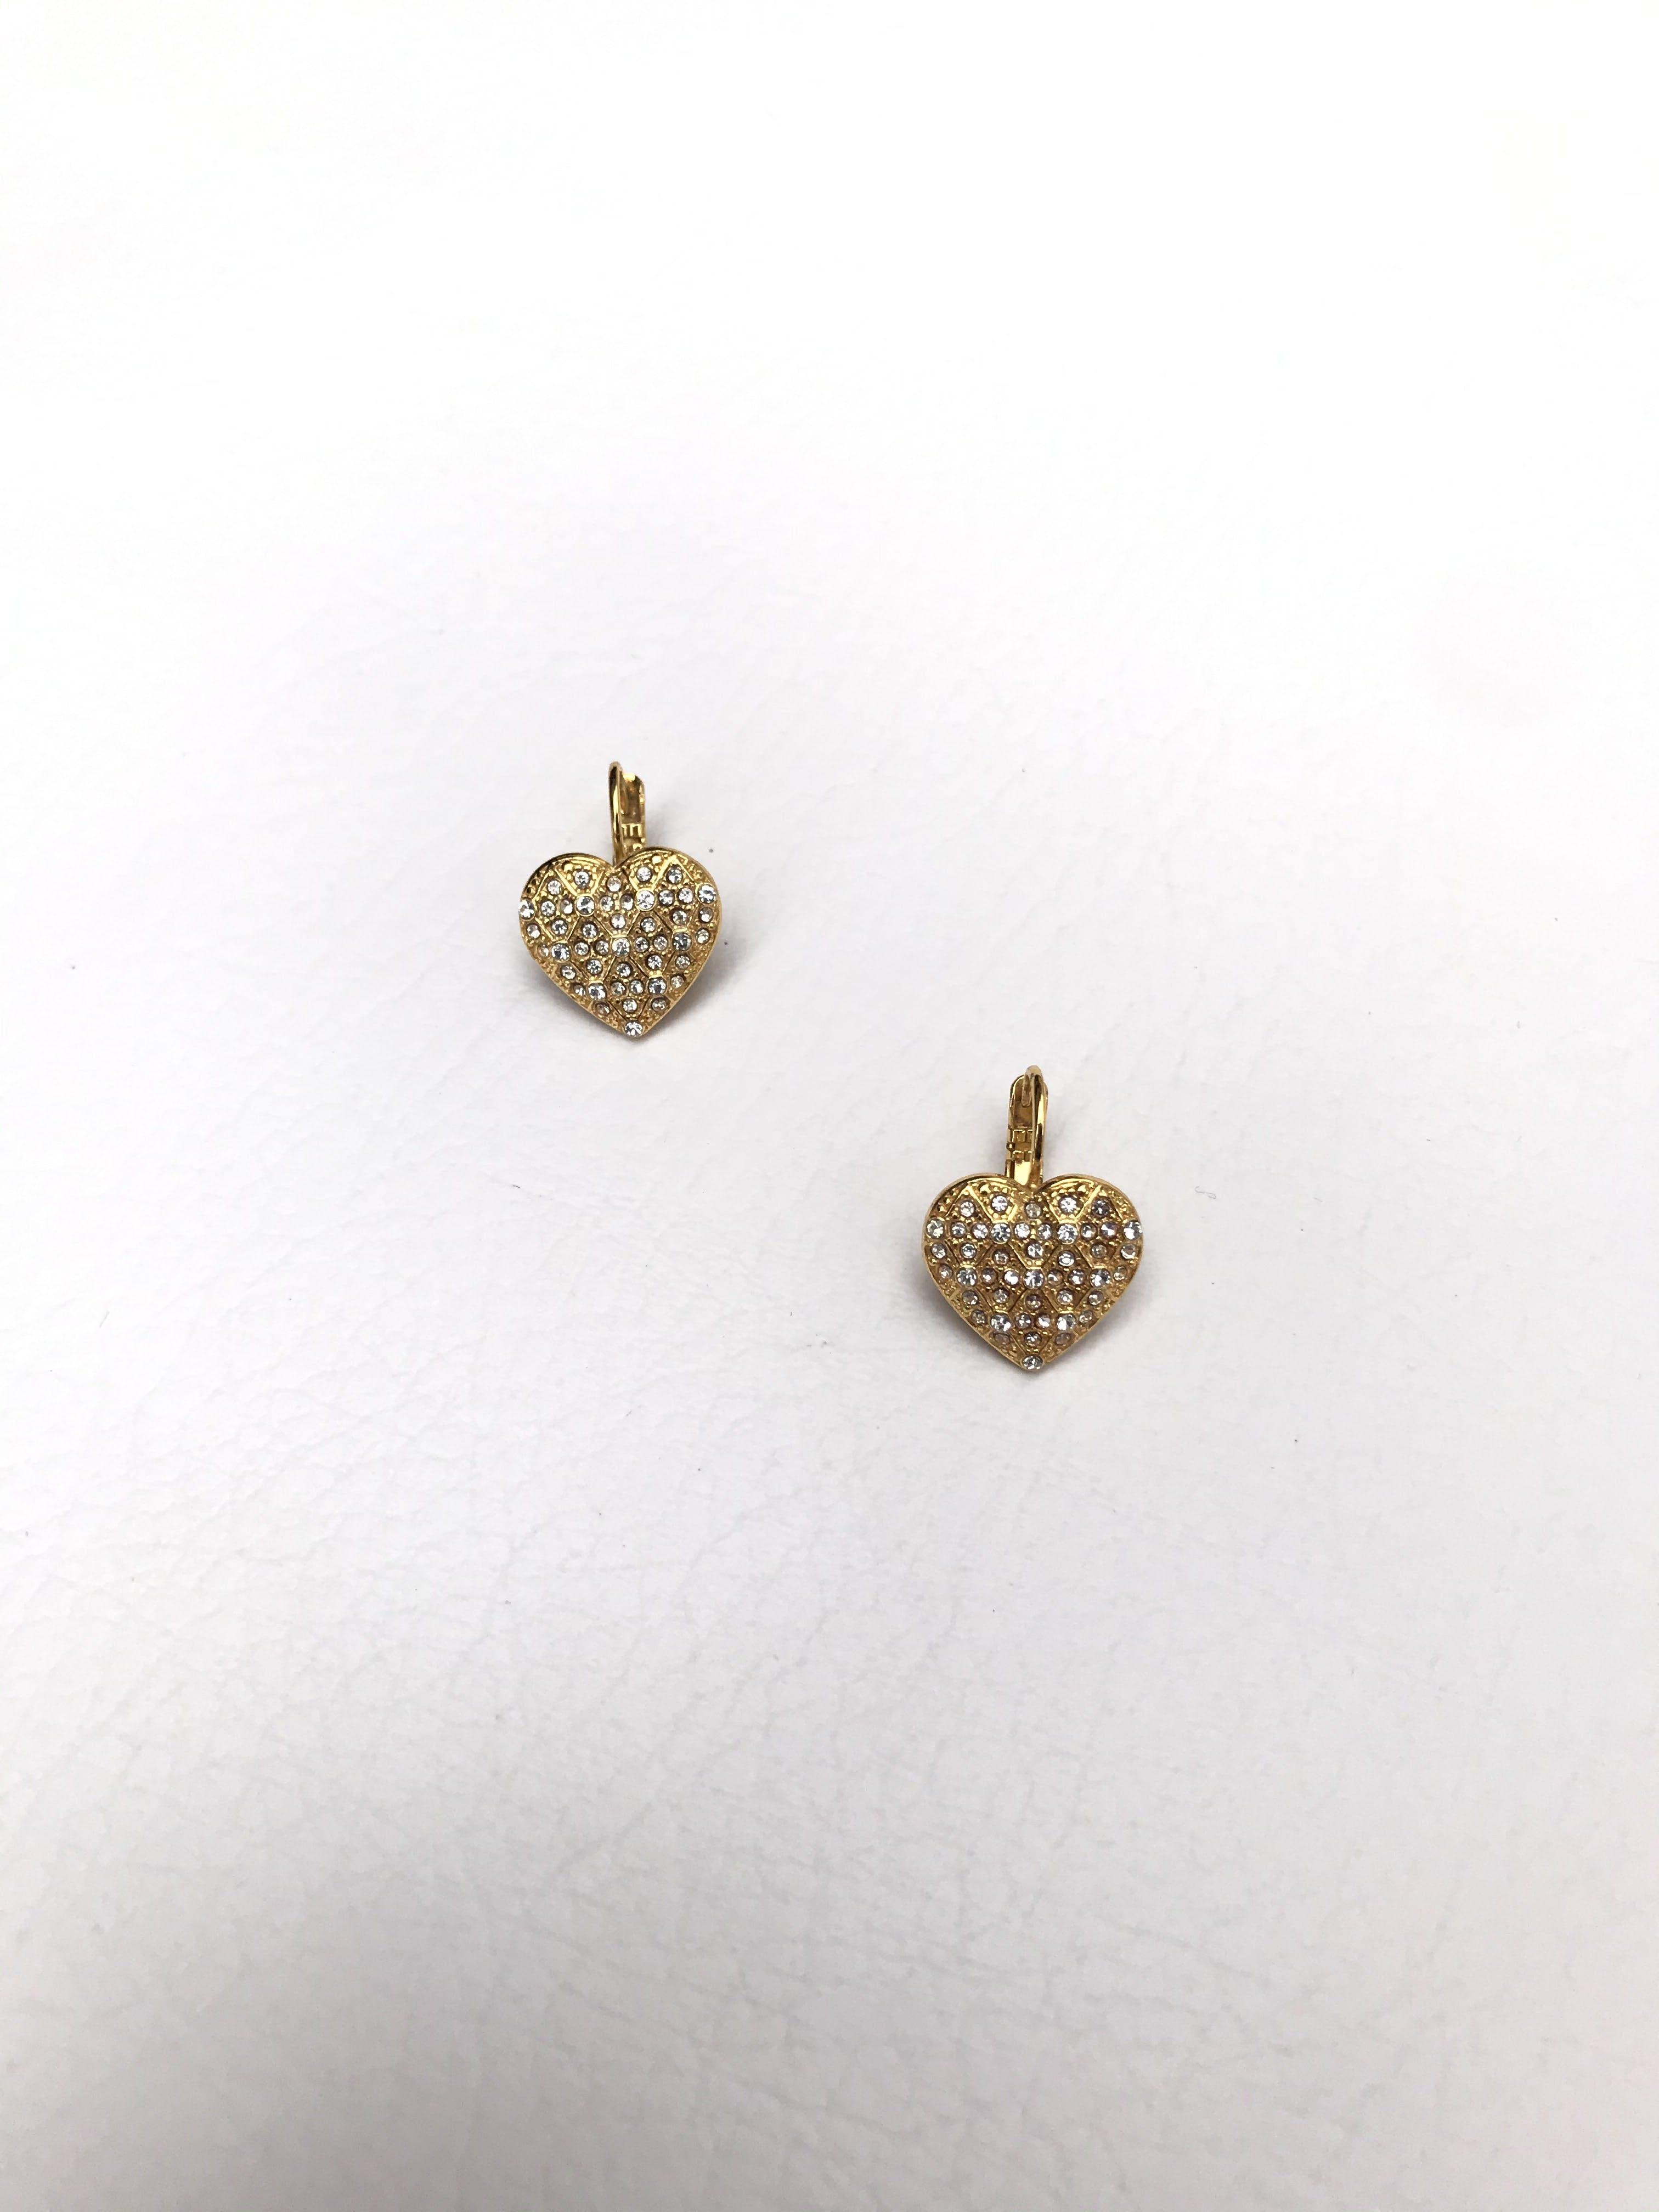 Aretes dorados en forma corazón con incrustaciones tipo diamante